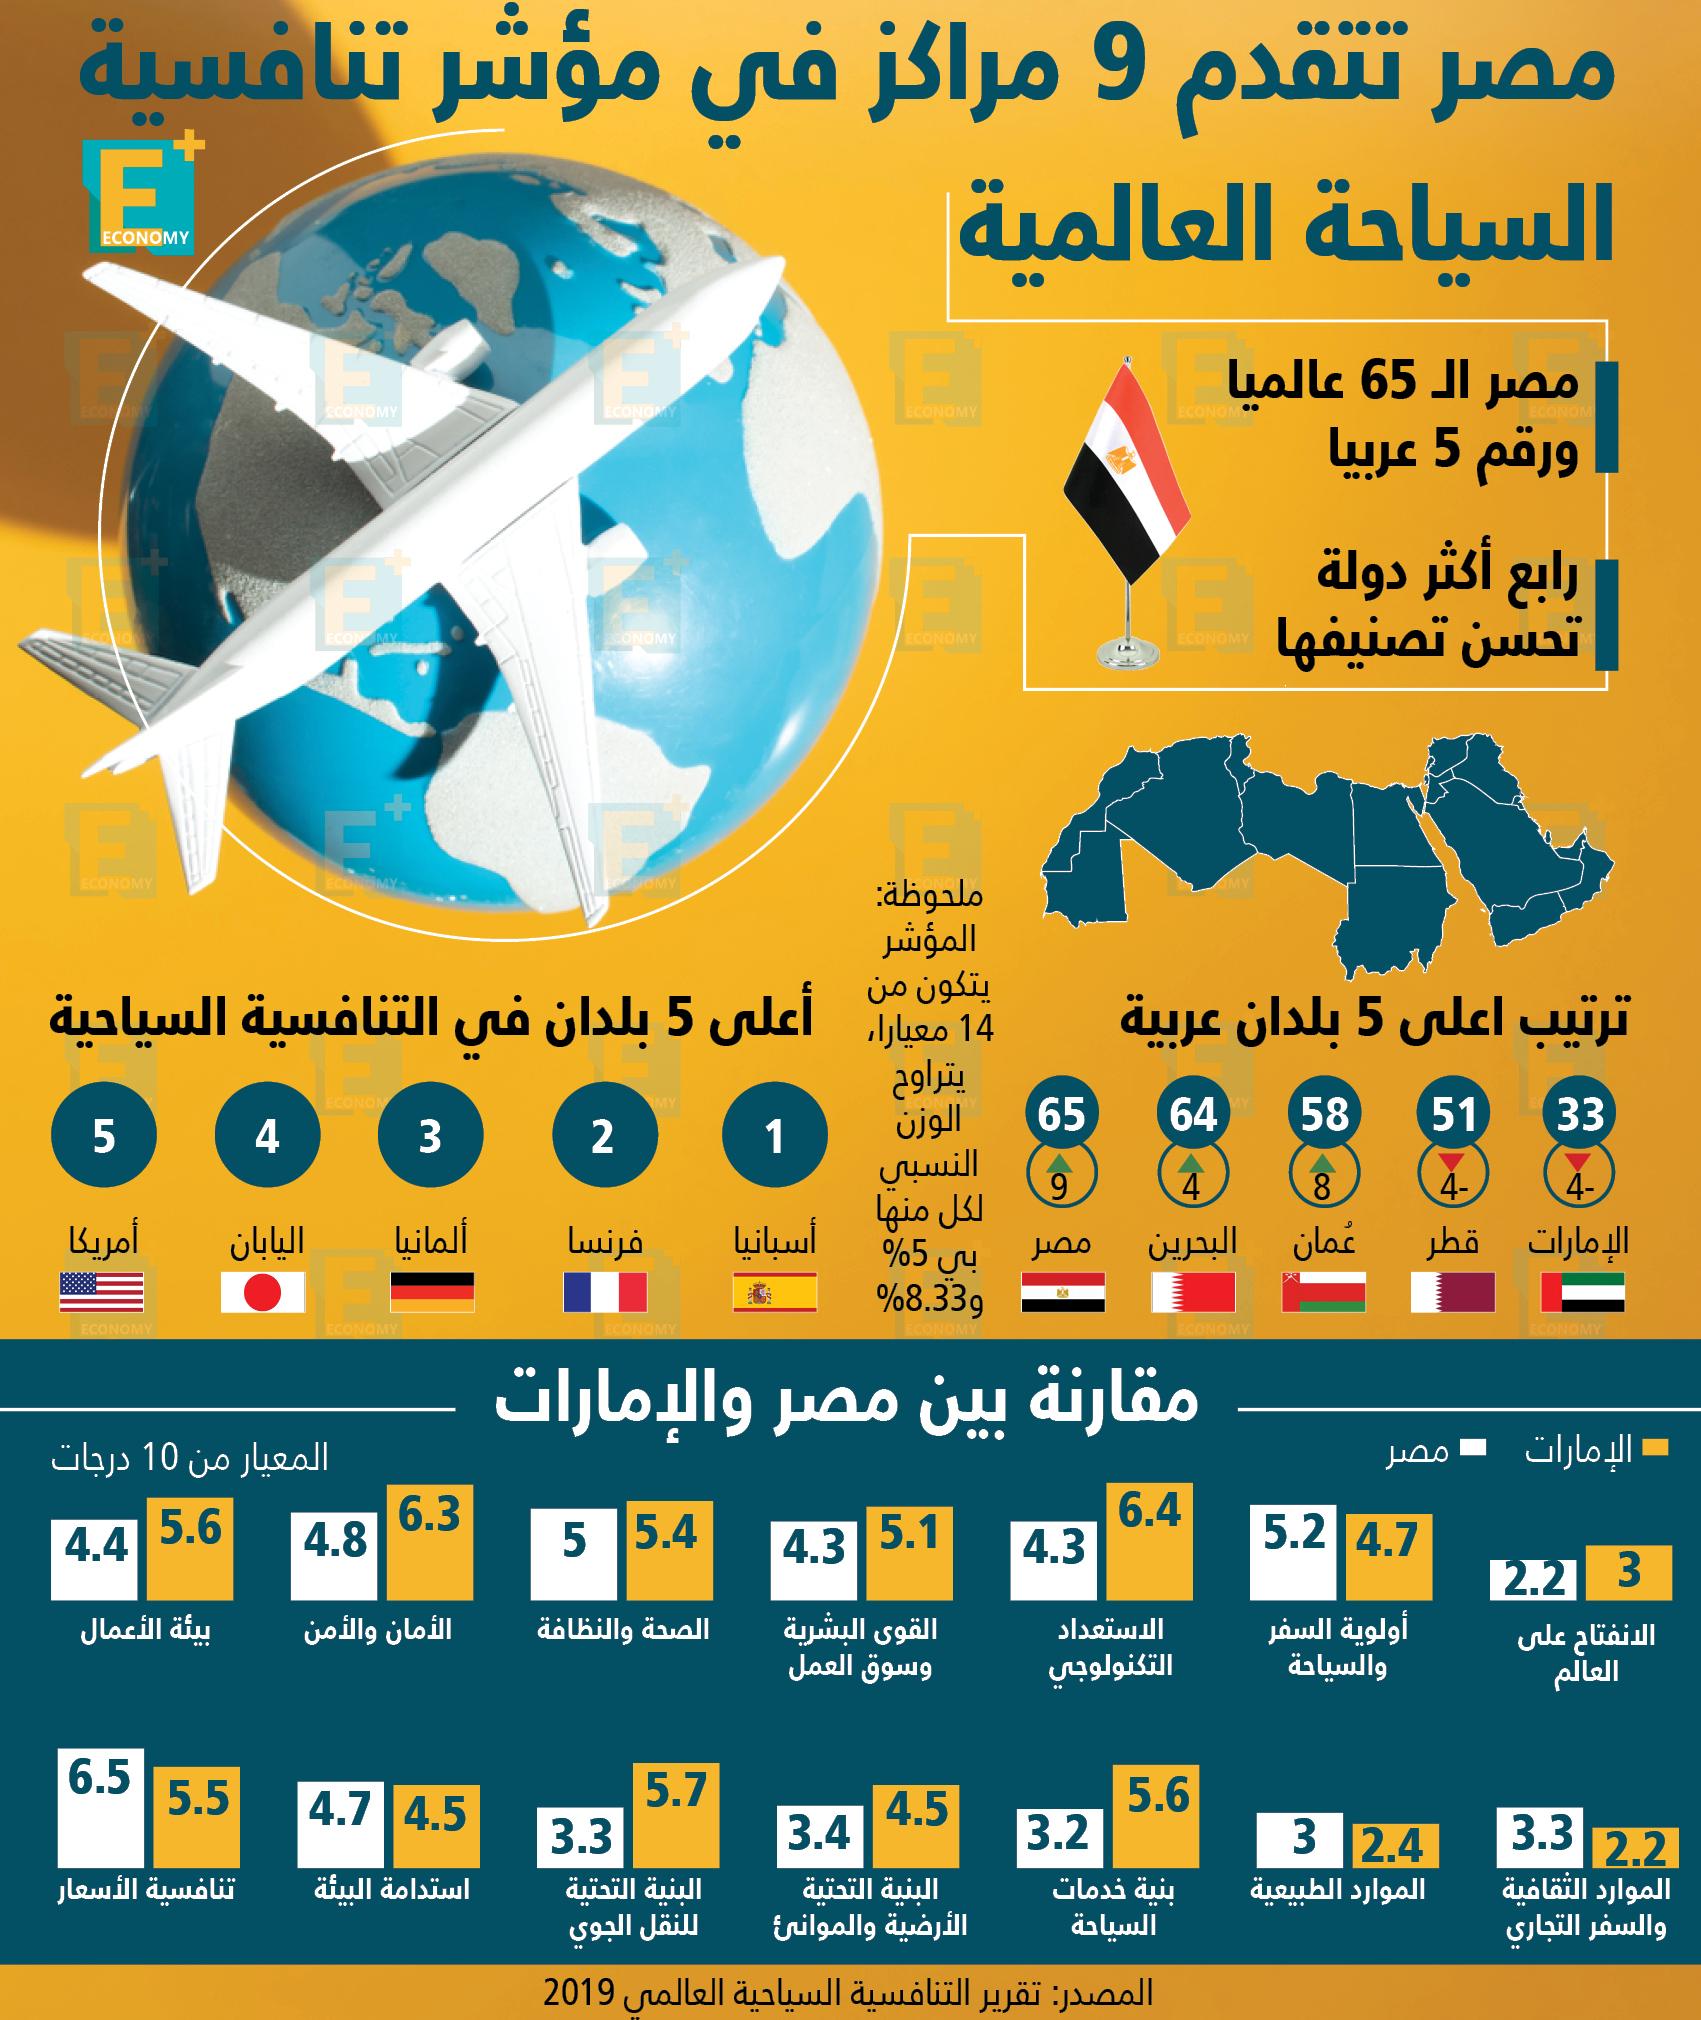 مصر تتقدم 9 مراكز في مؤشر تنافسية السياحة العالمية